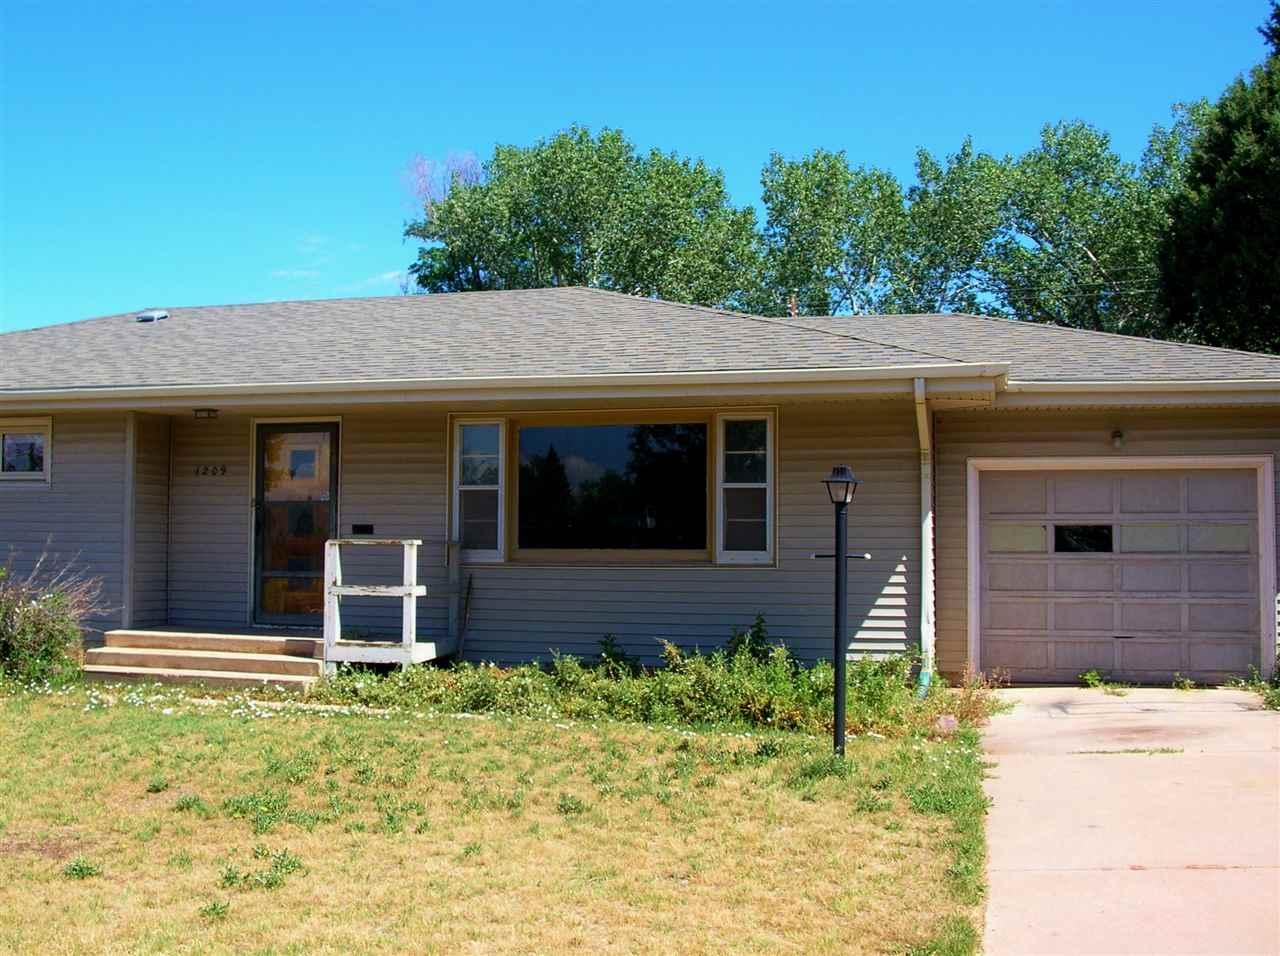 1209 Baker, Laramie, WY 82072